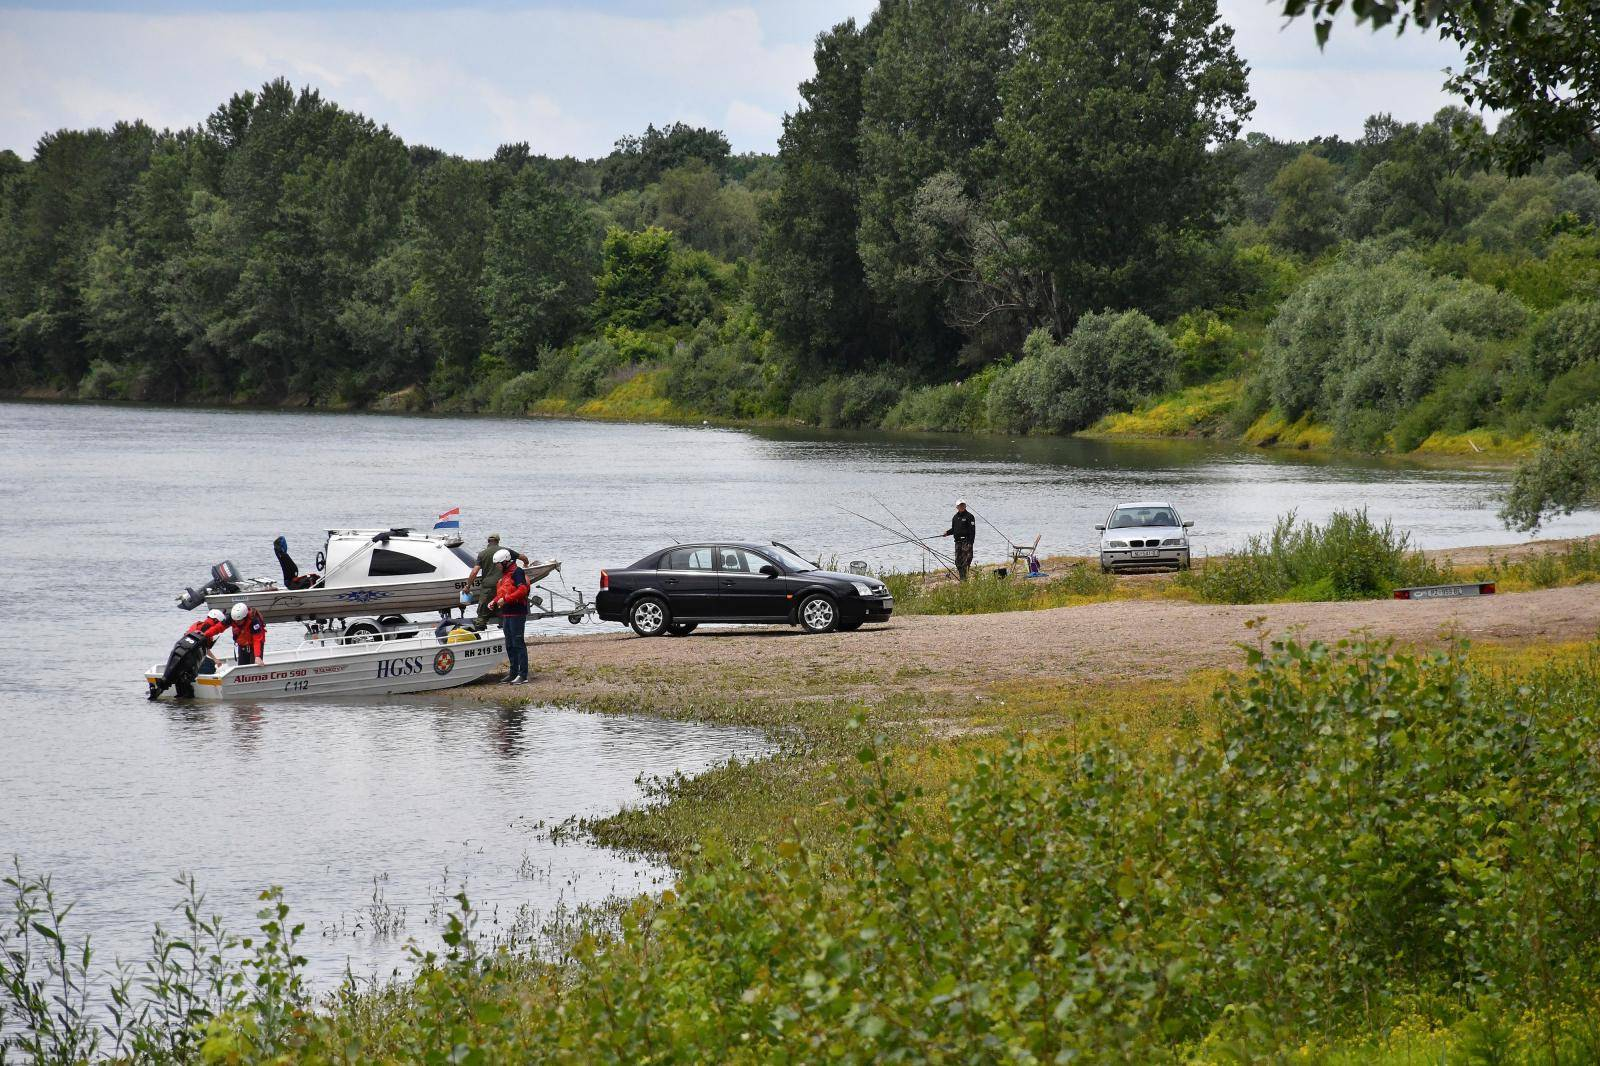 Siče: Potraga za nestalim 47-godišnjakom nakon prevrtanja čamca na rijeci Savi